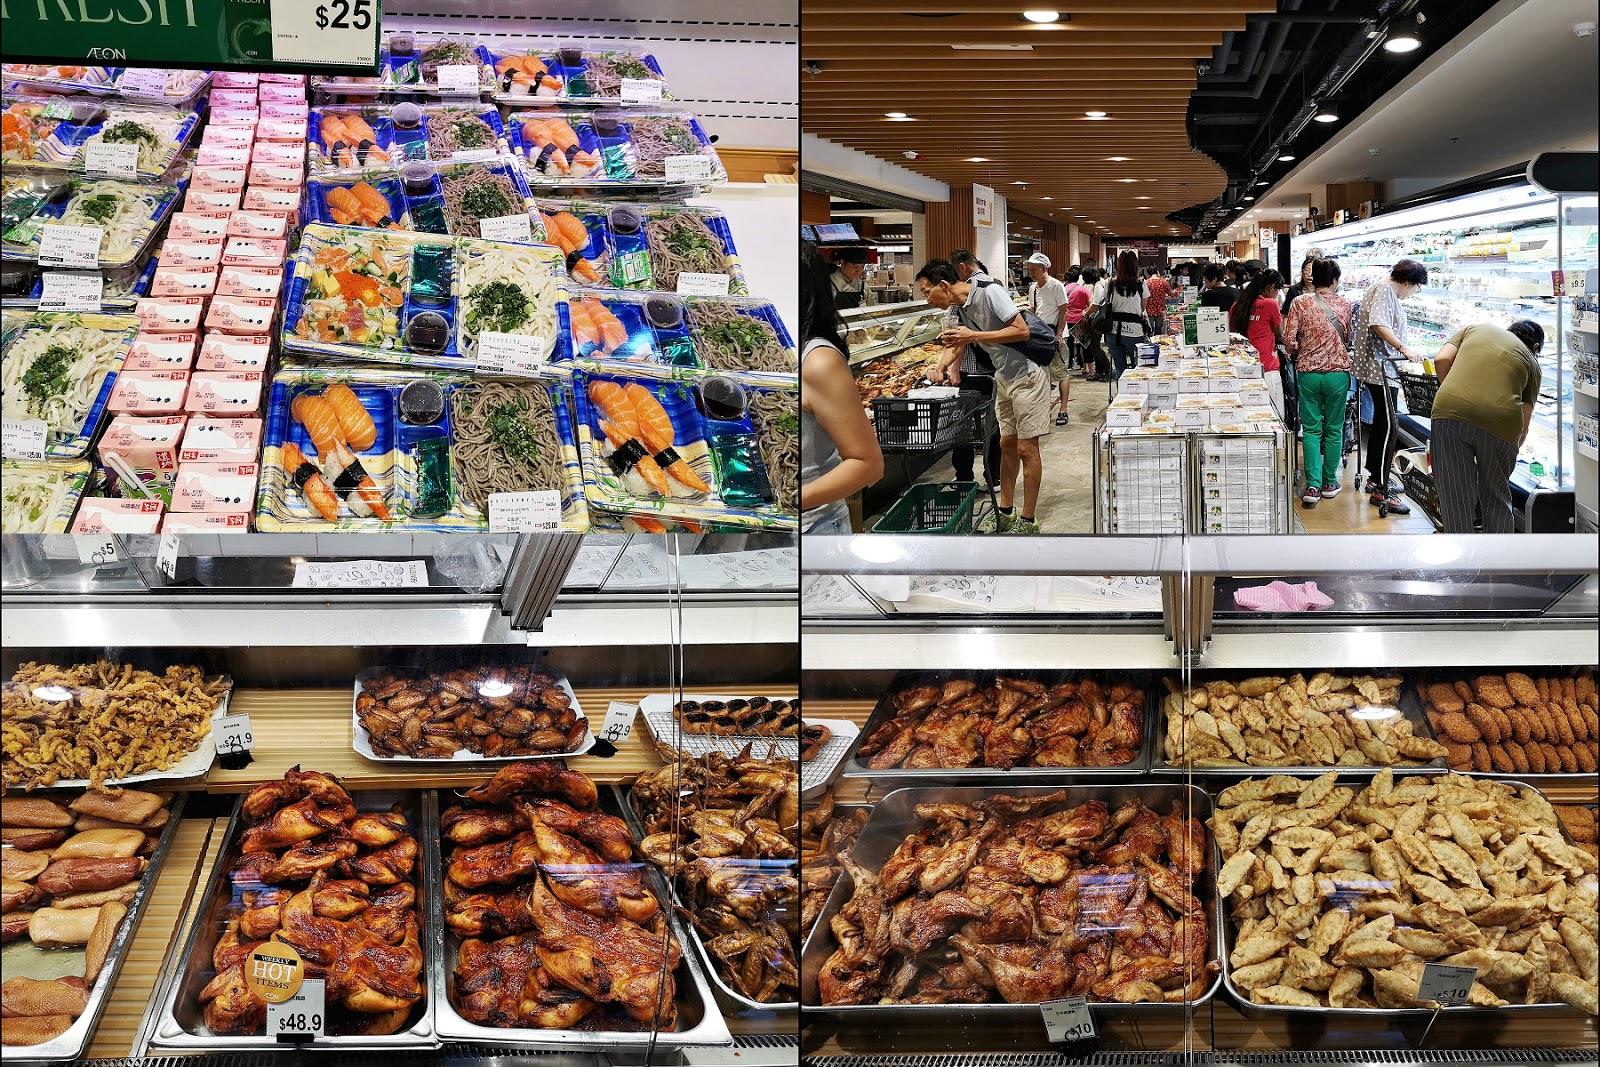 林公子生活遊記: AEON STYLE黃埔 - Aeon 永旺Living PLAZA 超市 supermarket D1出口 OPENRICE 泊車方便 吉之島 HK 電器 生活百貨